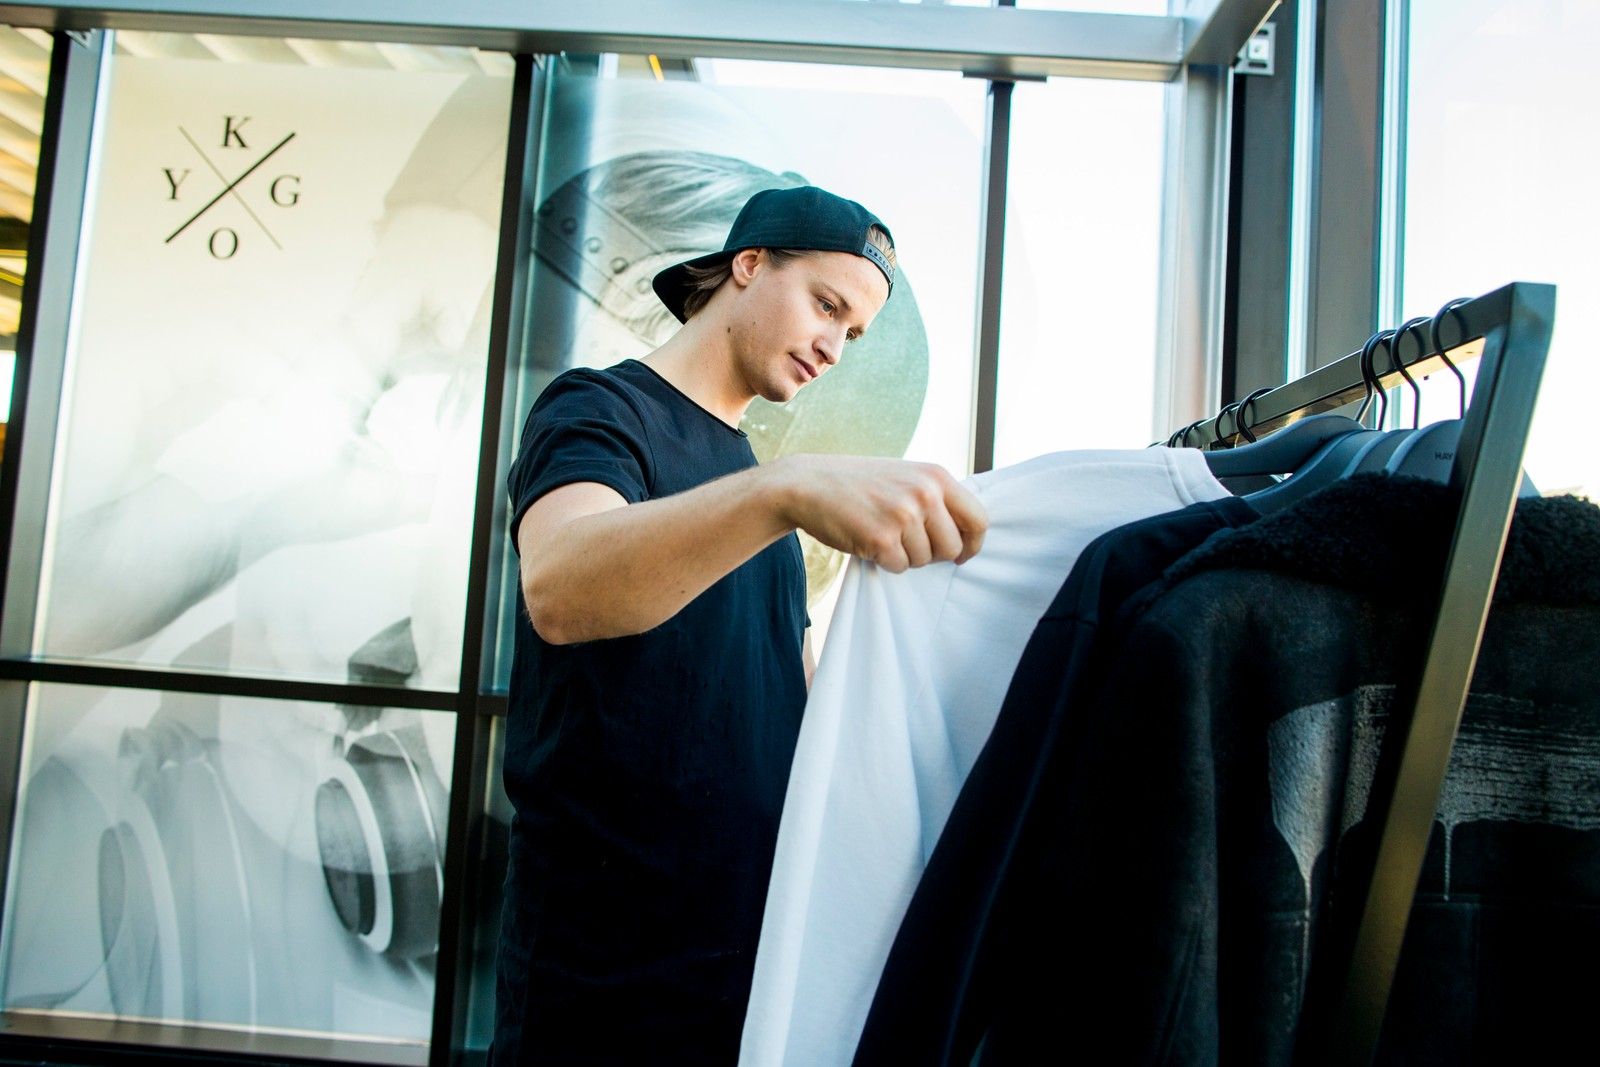 Kygo (Kyrre Gørvell-Dahll) sjekker ut sin kleskolleksjon Kygo Life før lanseringen på Strøm i Oslo onsdag kveld.